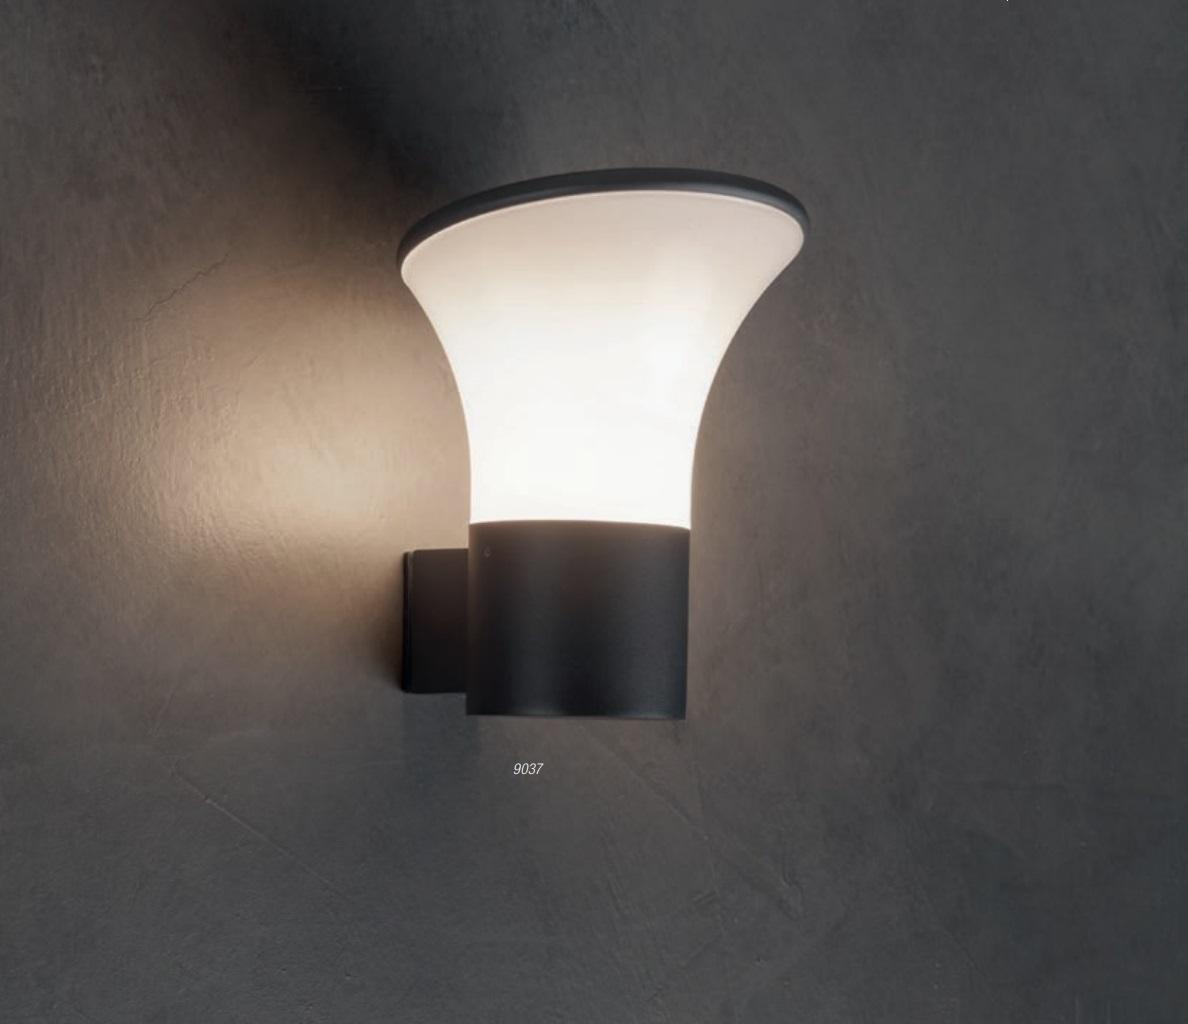 Redo SML kültéri fali lámpa 9037 BERGEN